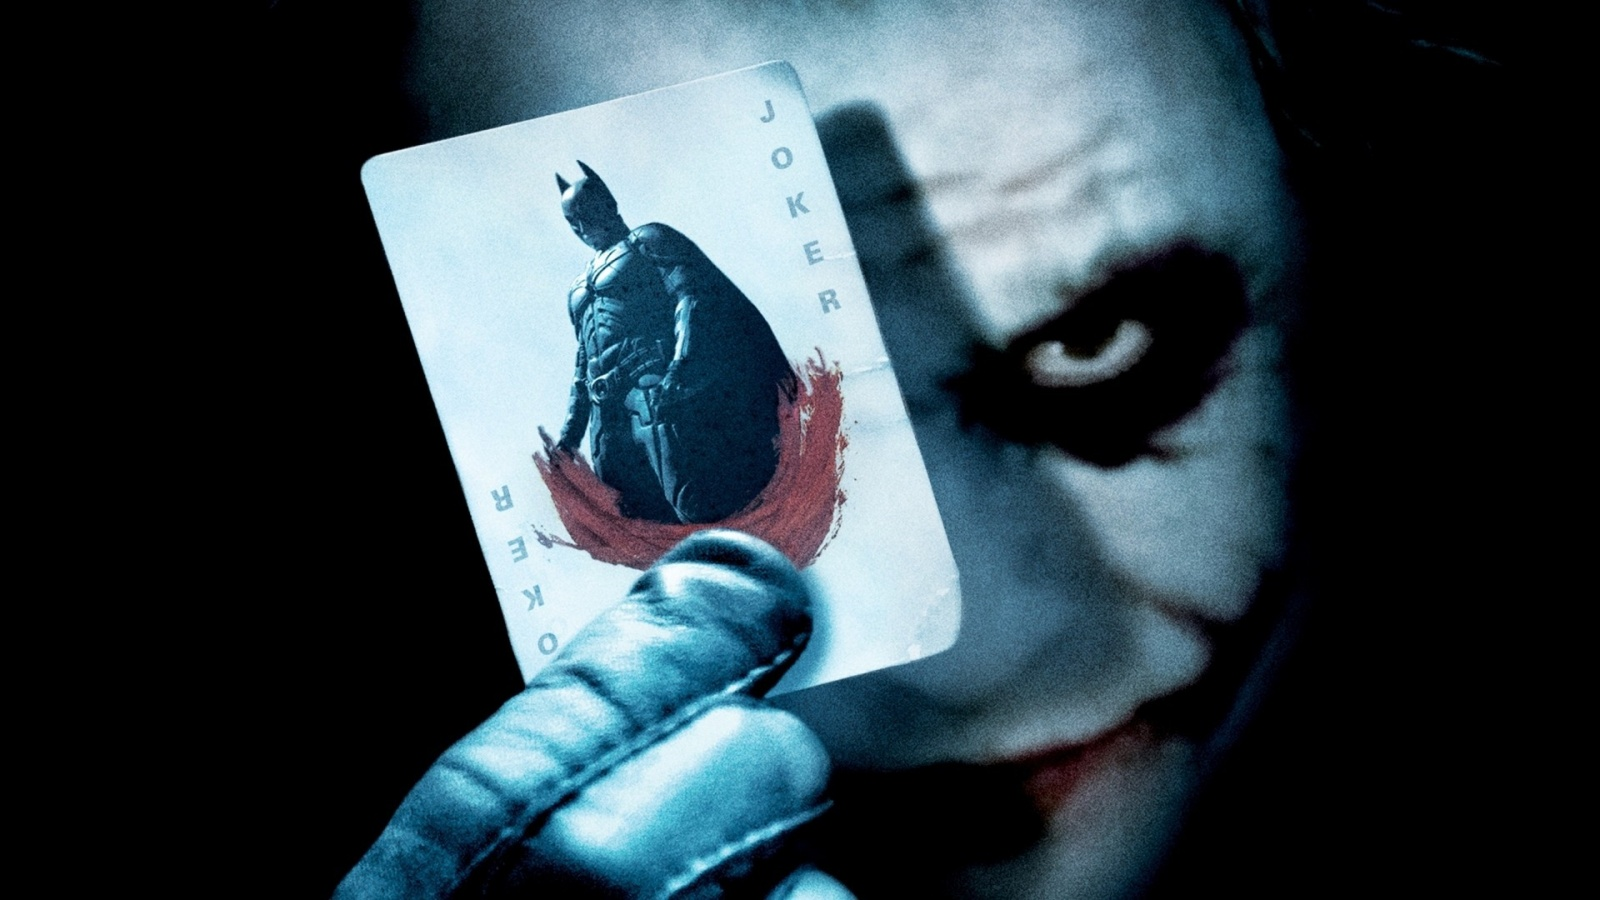 Batman Joker Card Wallpapers HD Wallpapers 1600x900